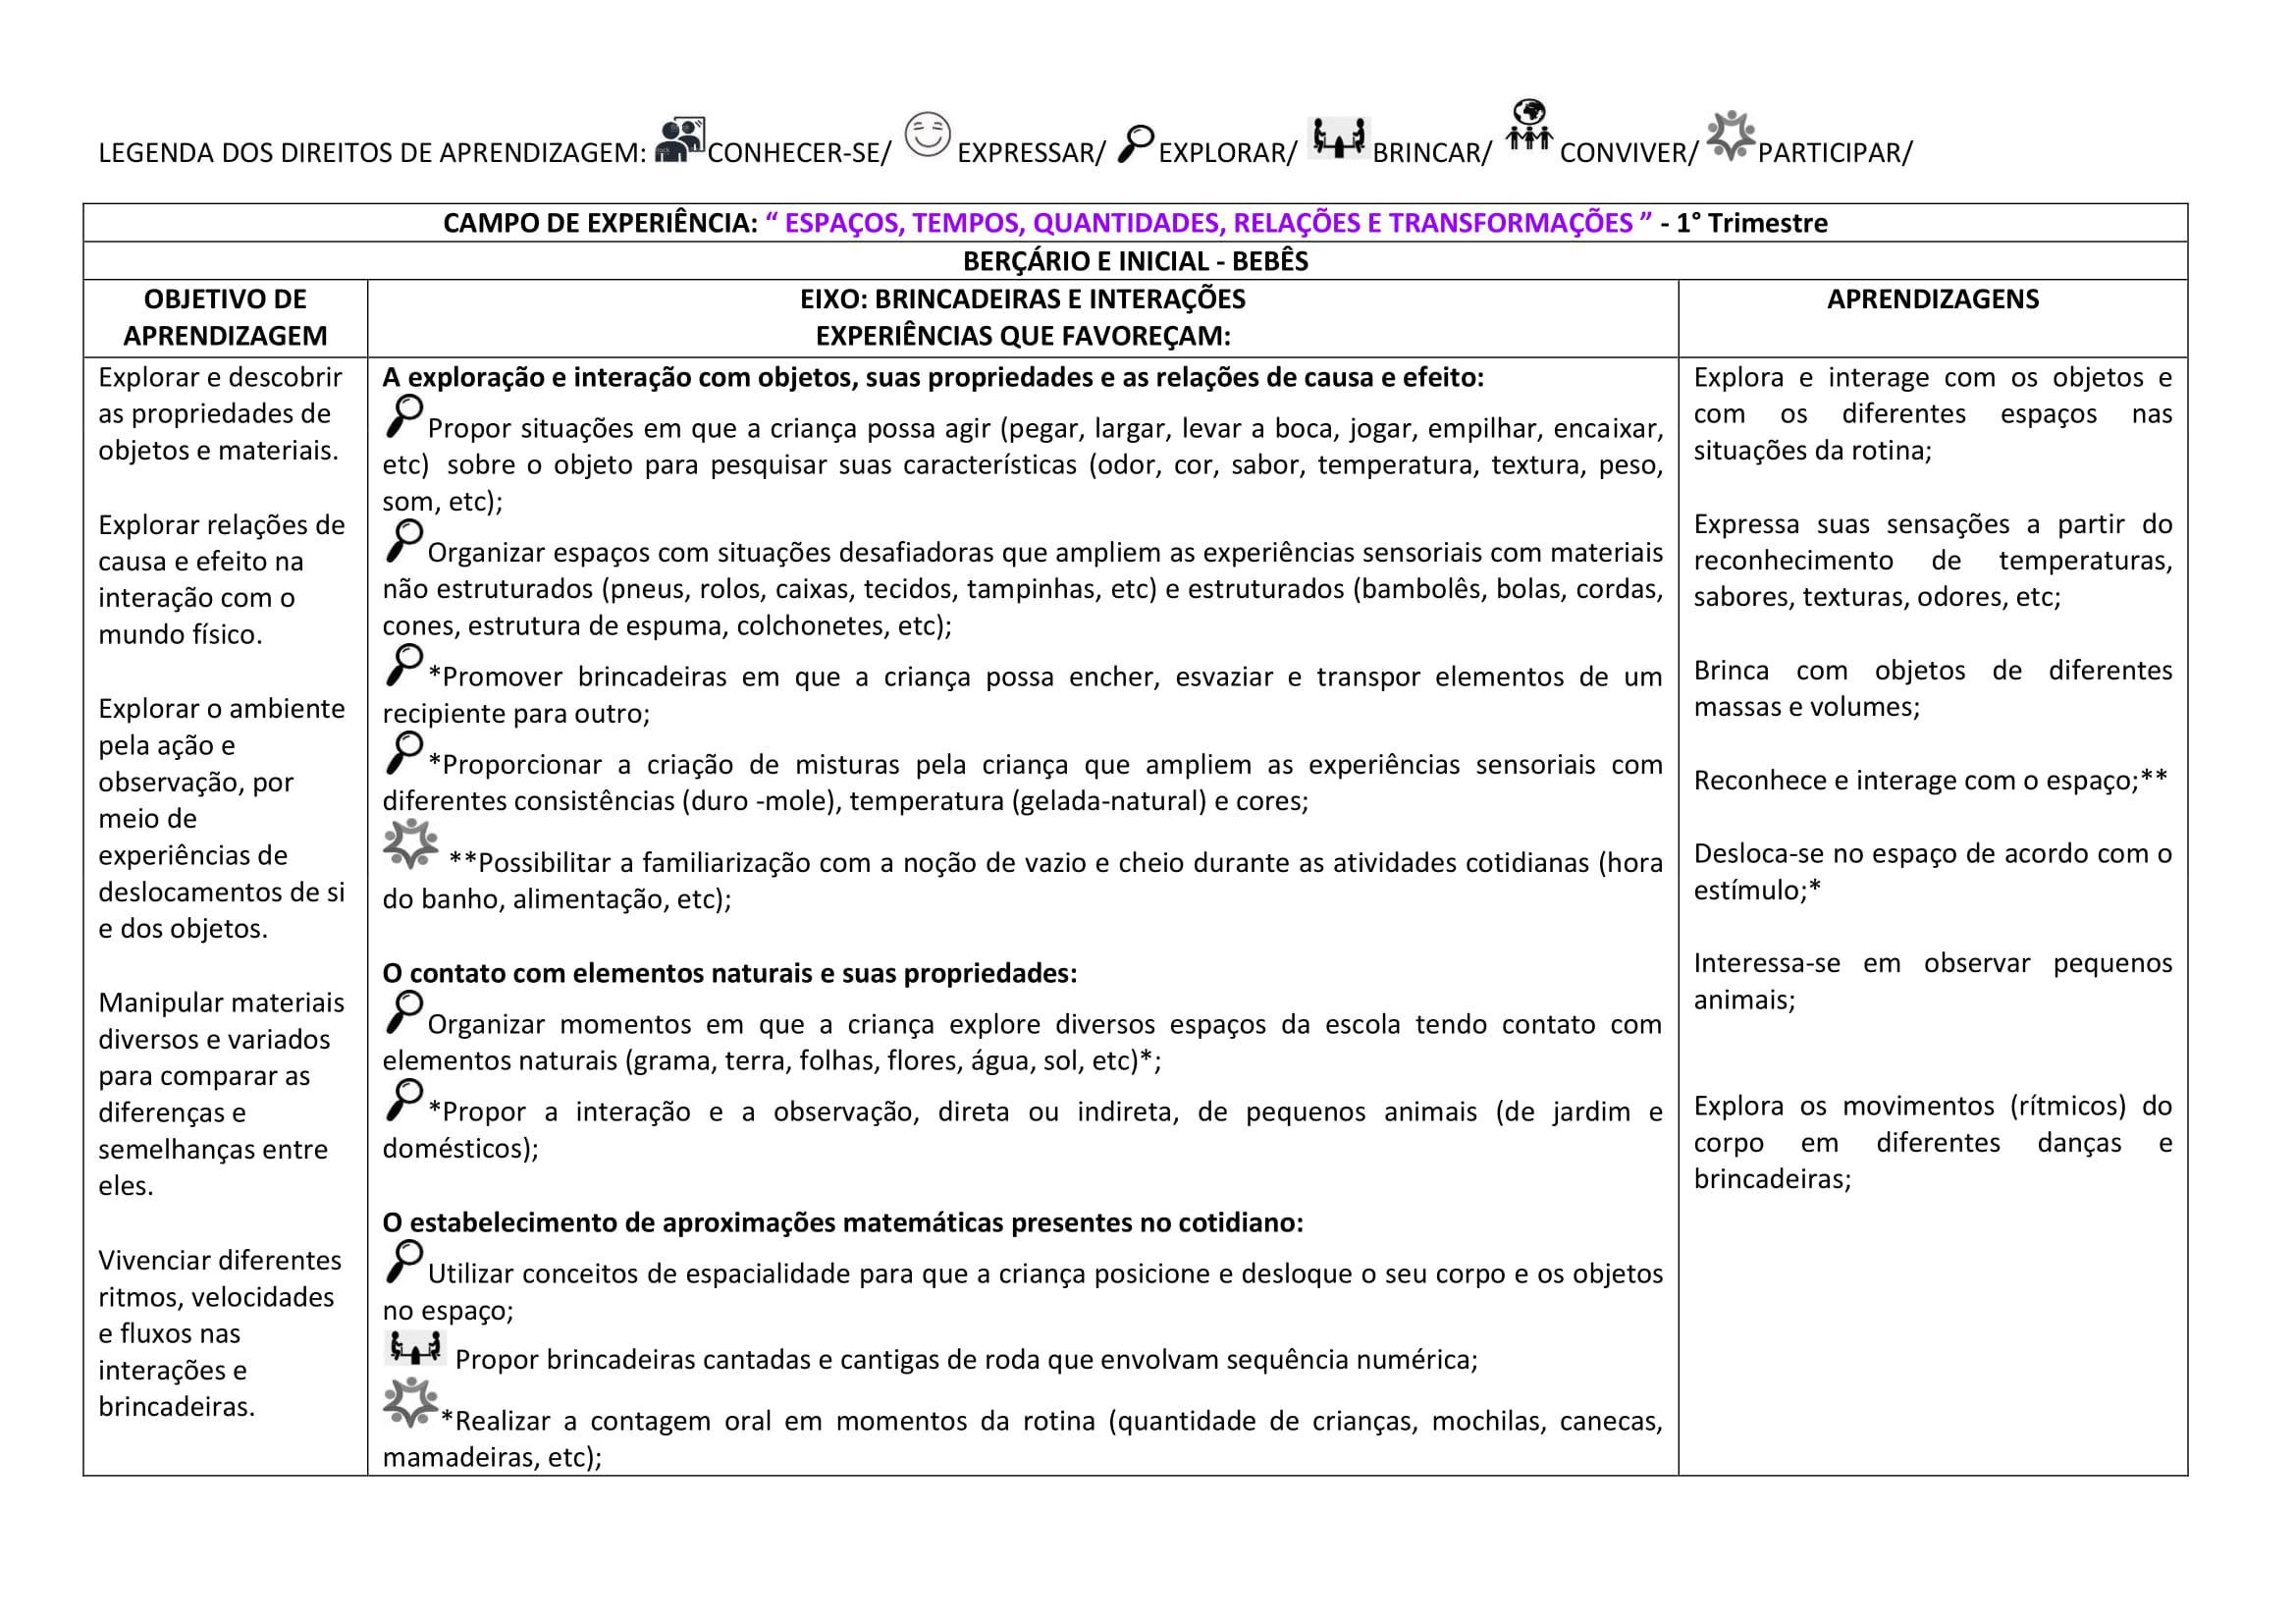 Berçário-e-Inicial-07